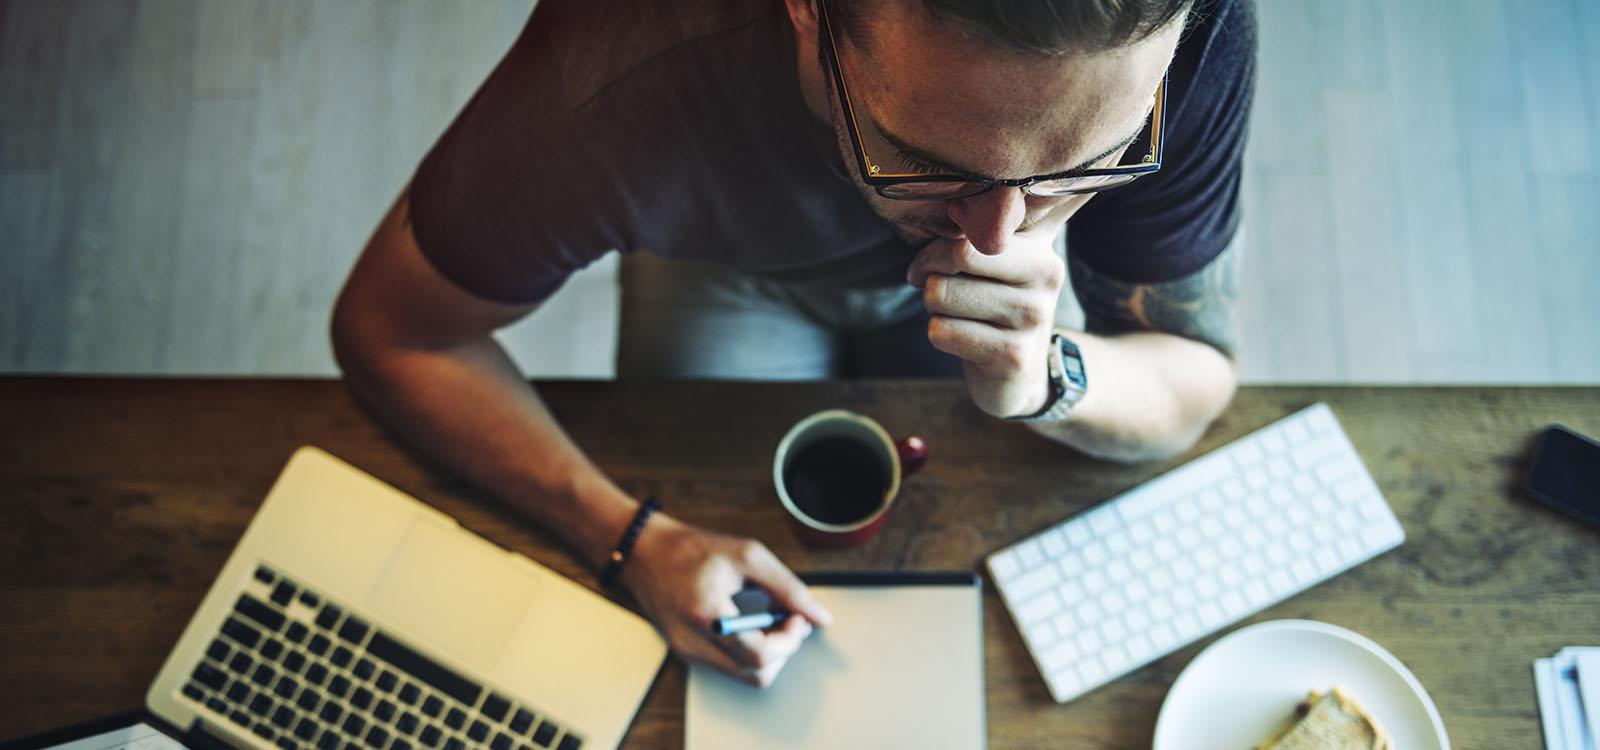 man concentrating at computer